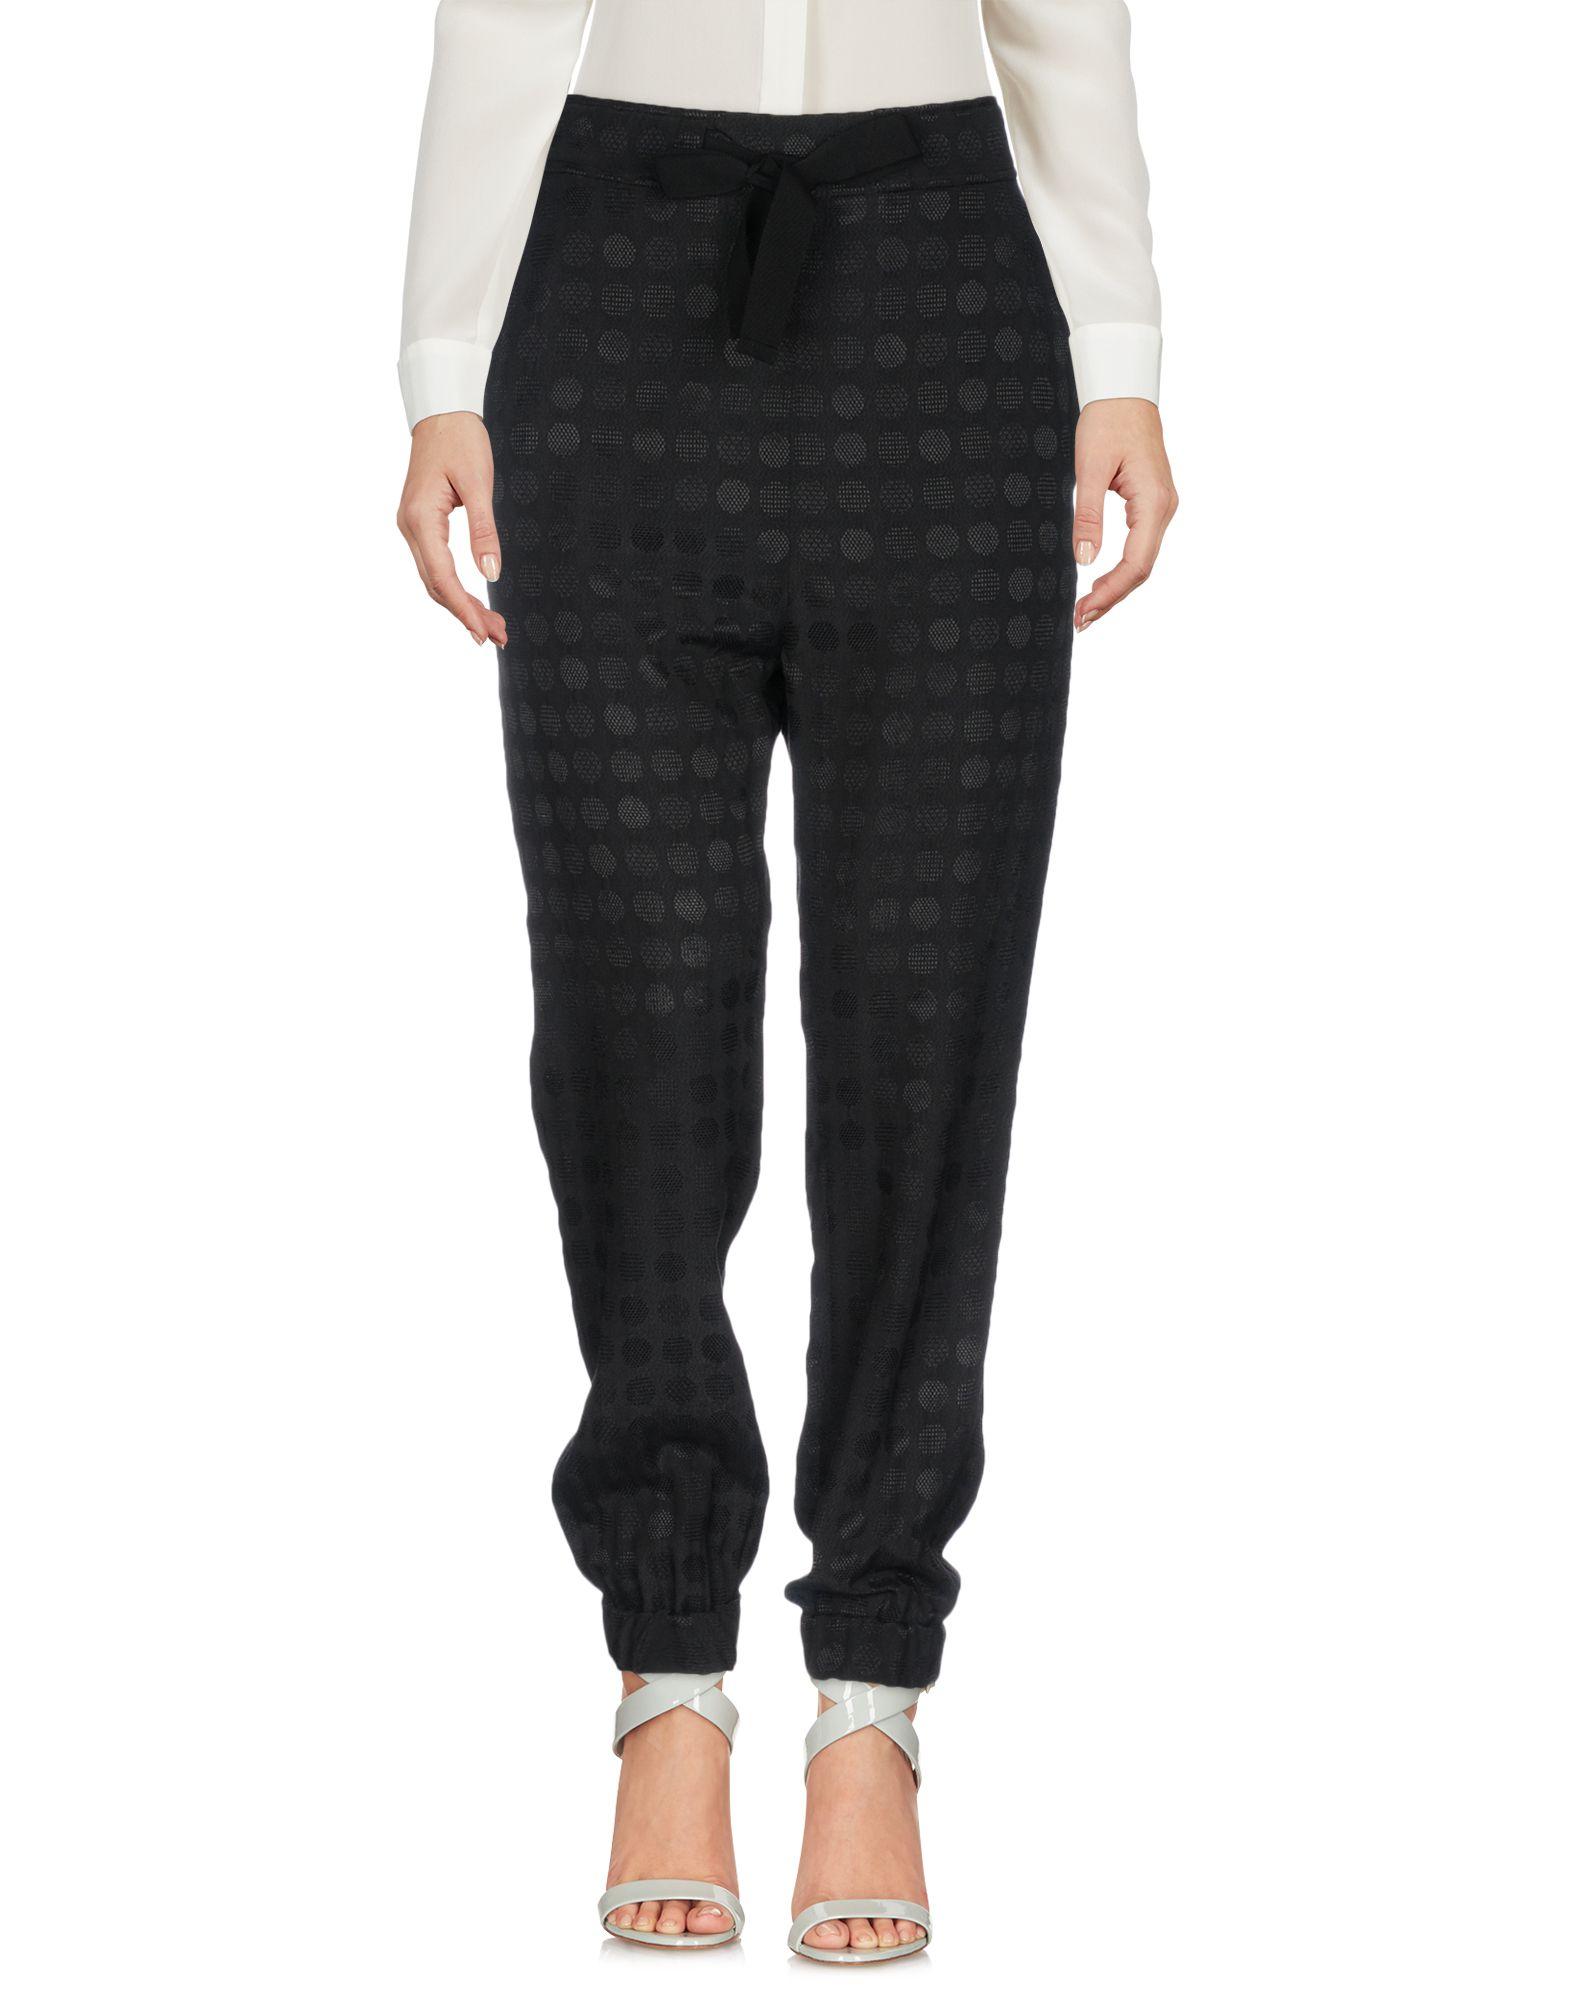 Pantalone Ann Demeulemeester Donna - Acquista online su 7ztWiRRHoq